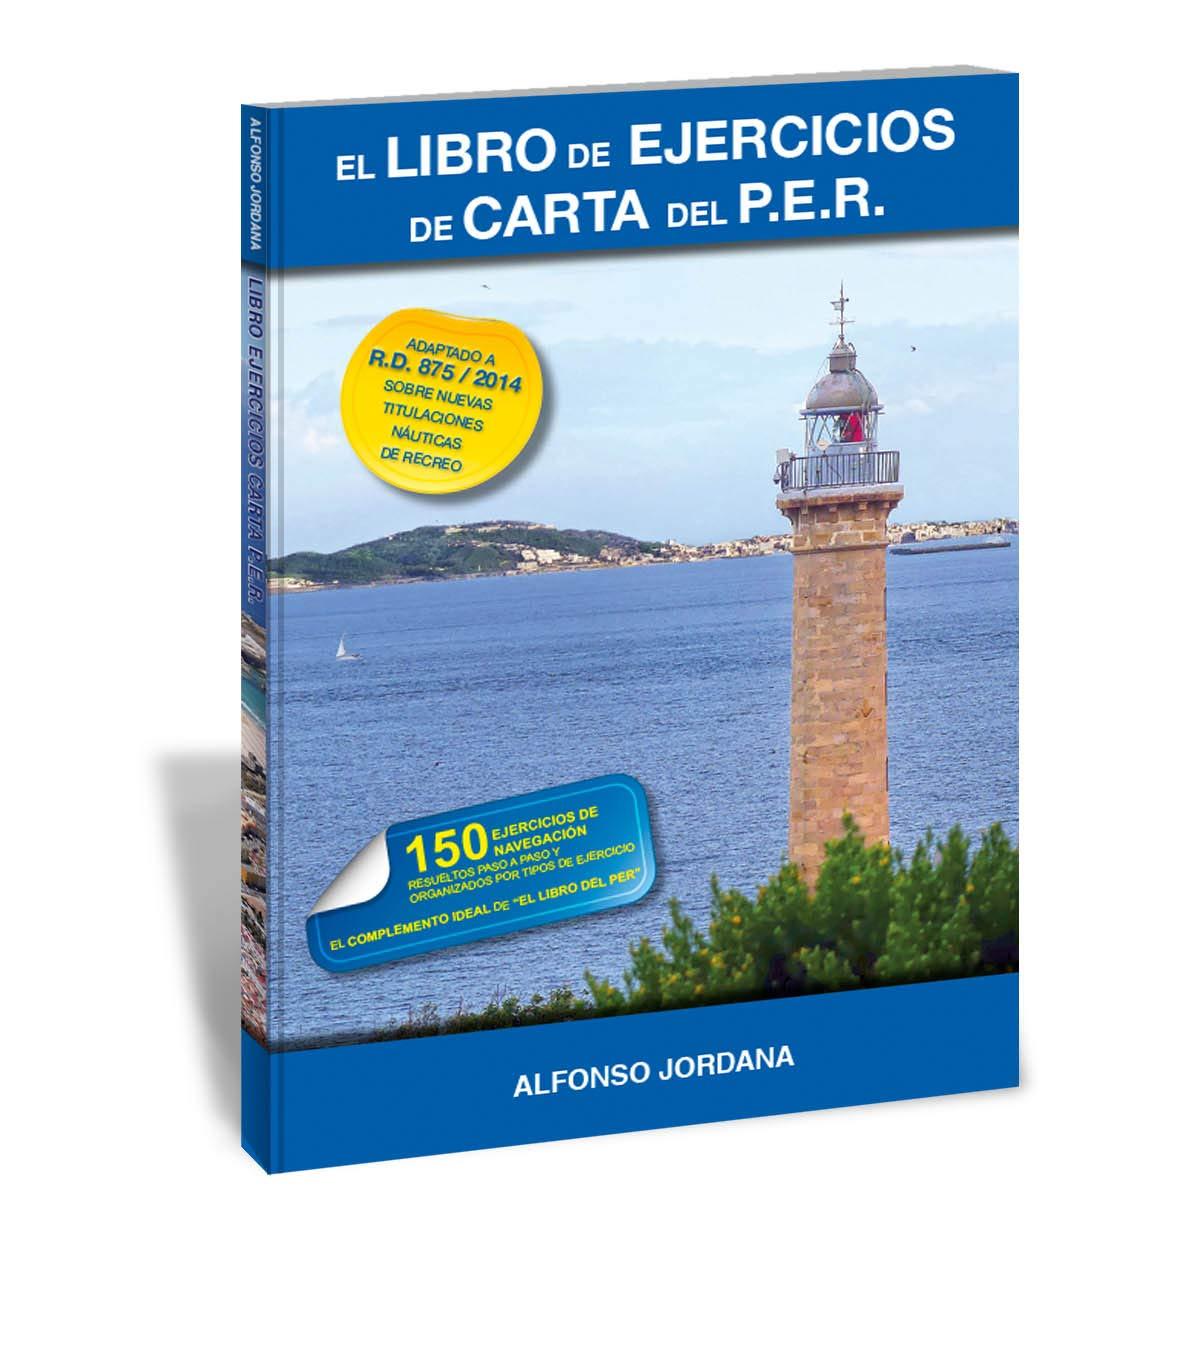 El Libro De Ejercicios De Carta Del P.E.R.: Amazon.es ...